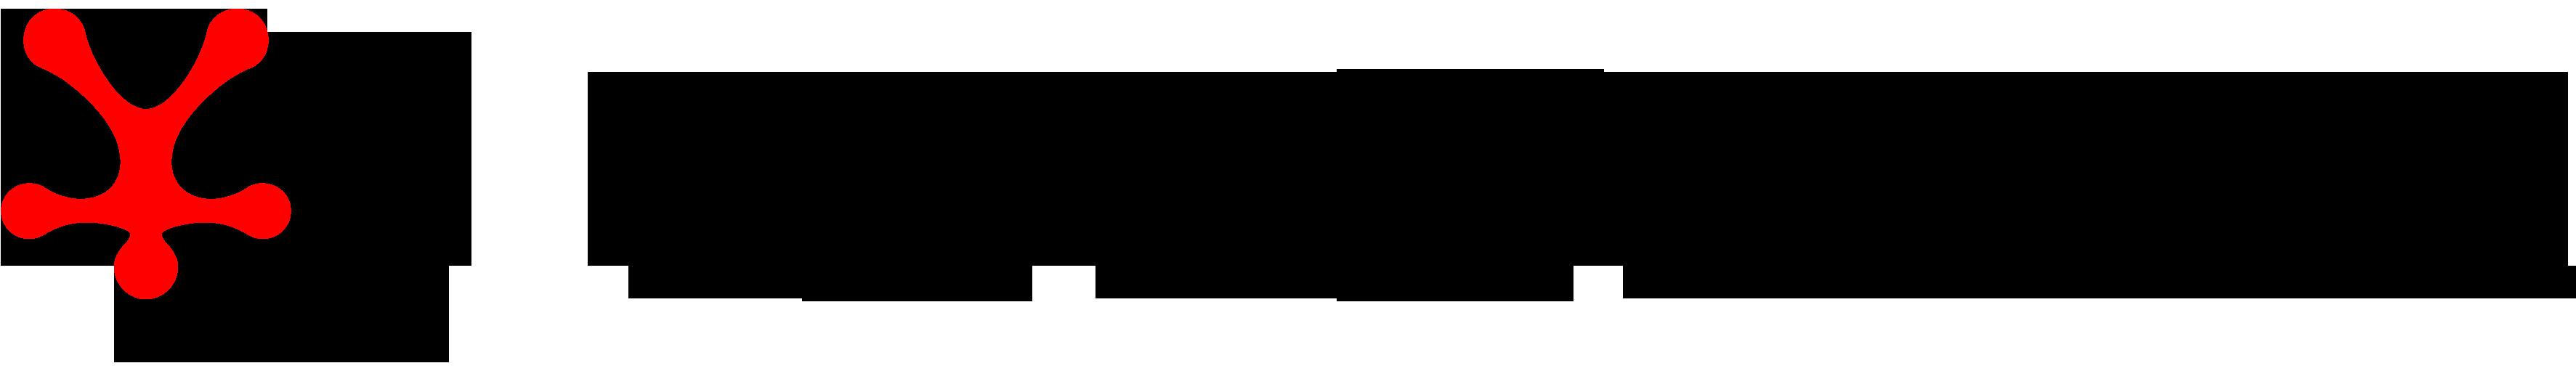 logo-turbolenza-2016-horizontal